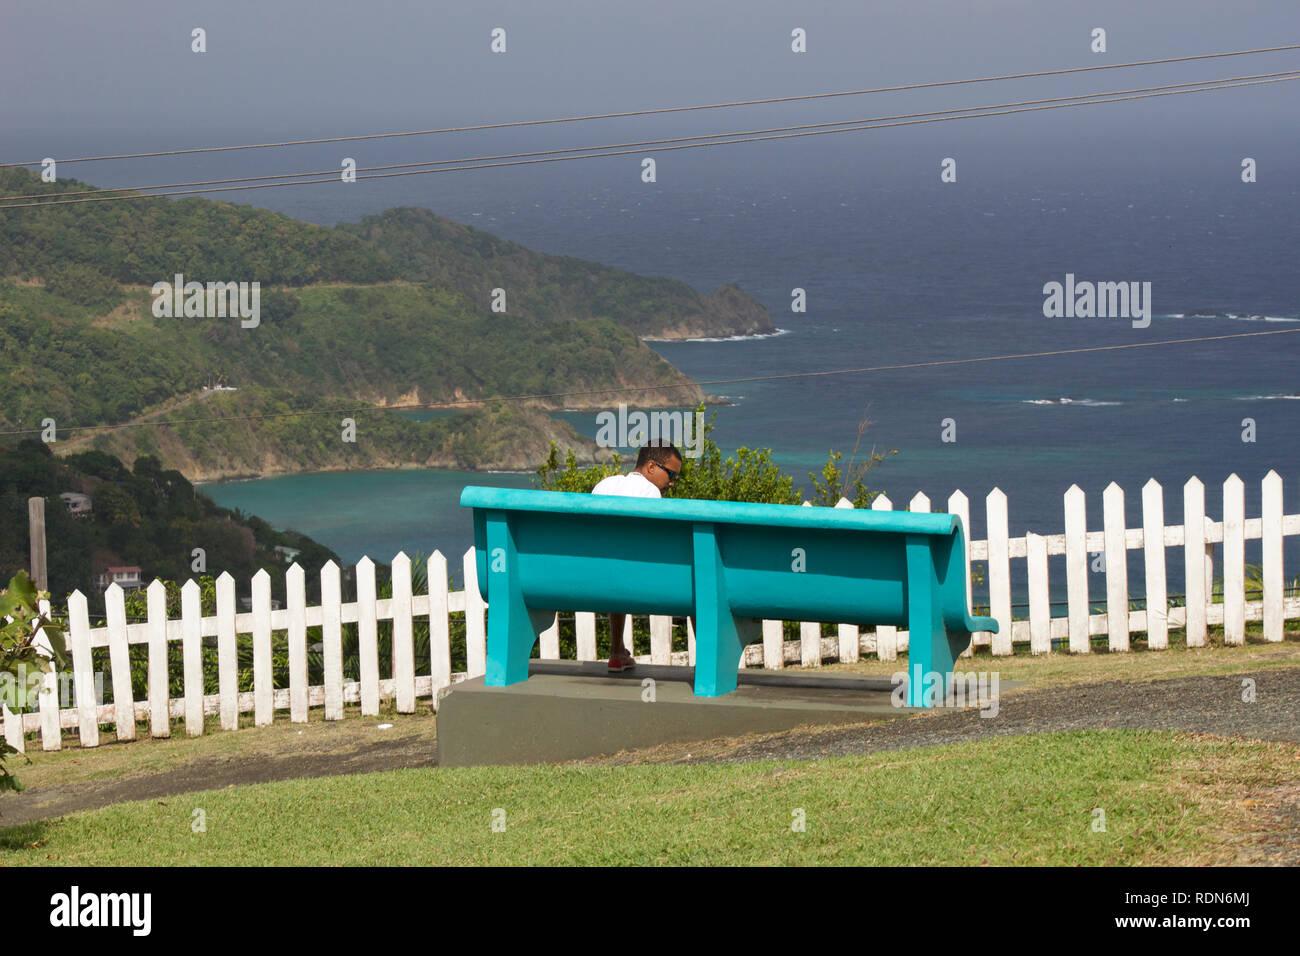 Man Enjoying View at Speyside, Tobago - Stock Image